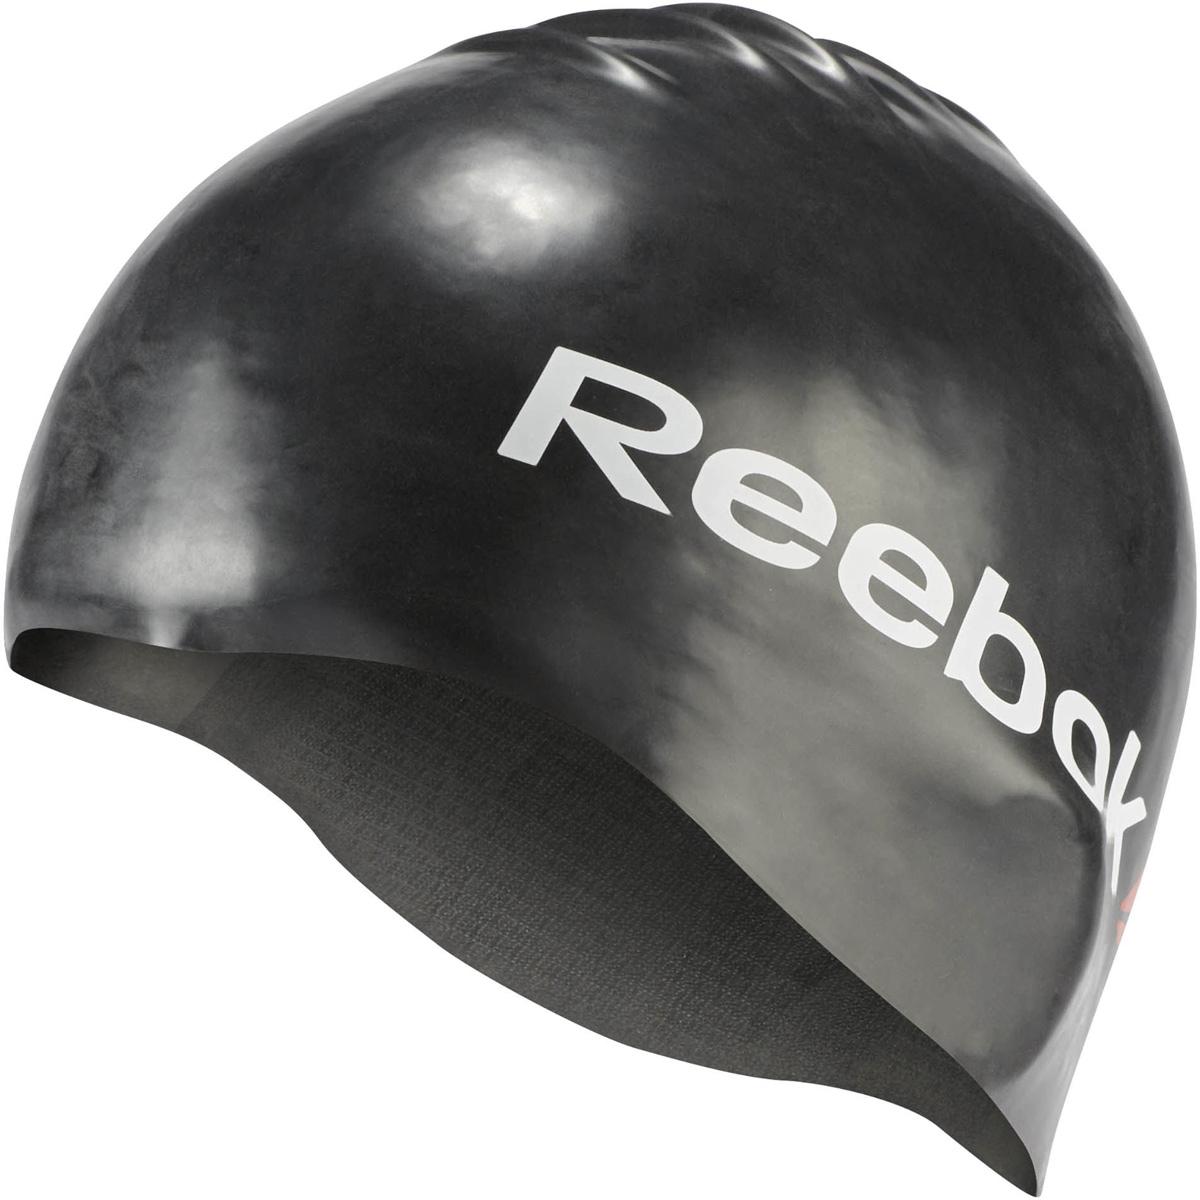 Шапочка для плавания Reebok Swim U Cap, цвет: черный. AJ6105AJ6105Эта шапочка не только позволит вам с комфортом подготовиться к соревнованиям, но и продемонстрировать всем свою приверженность классическому стилю Reebok. Благодаря эргономичному дизайну и использованному материалу вам гарантирована надежная защита от воды как в бассейне, так и в открытом водоеме.Материал: 100% силикон для защиты от попадания водыЭргономичный дизайн, закрывающий ушиФормованный материал препятствует образованию морщинок на поверхностиВнутреннее покрытие обеспечивает дополнительное сцепление и более надежную посадку